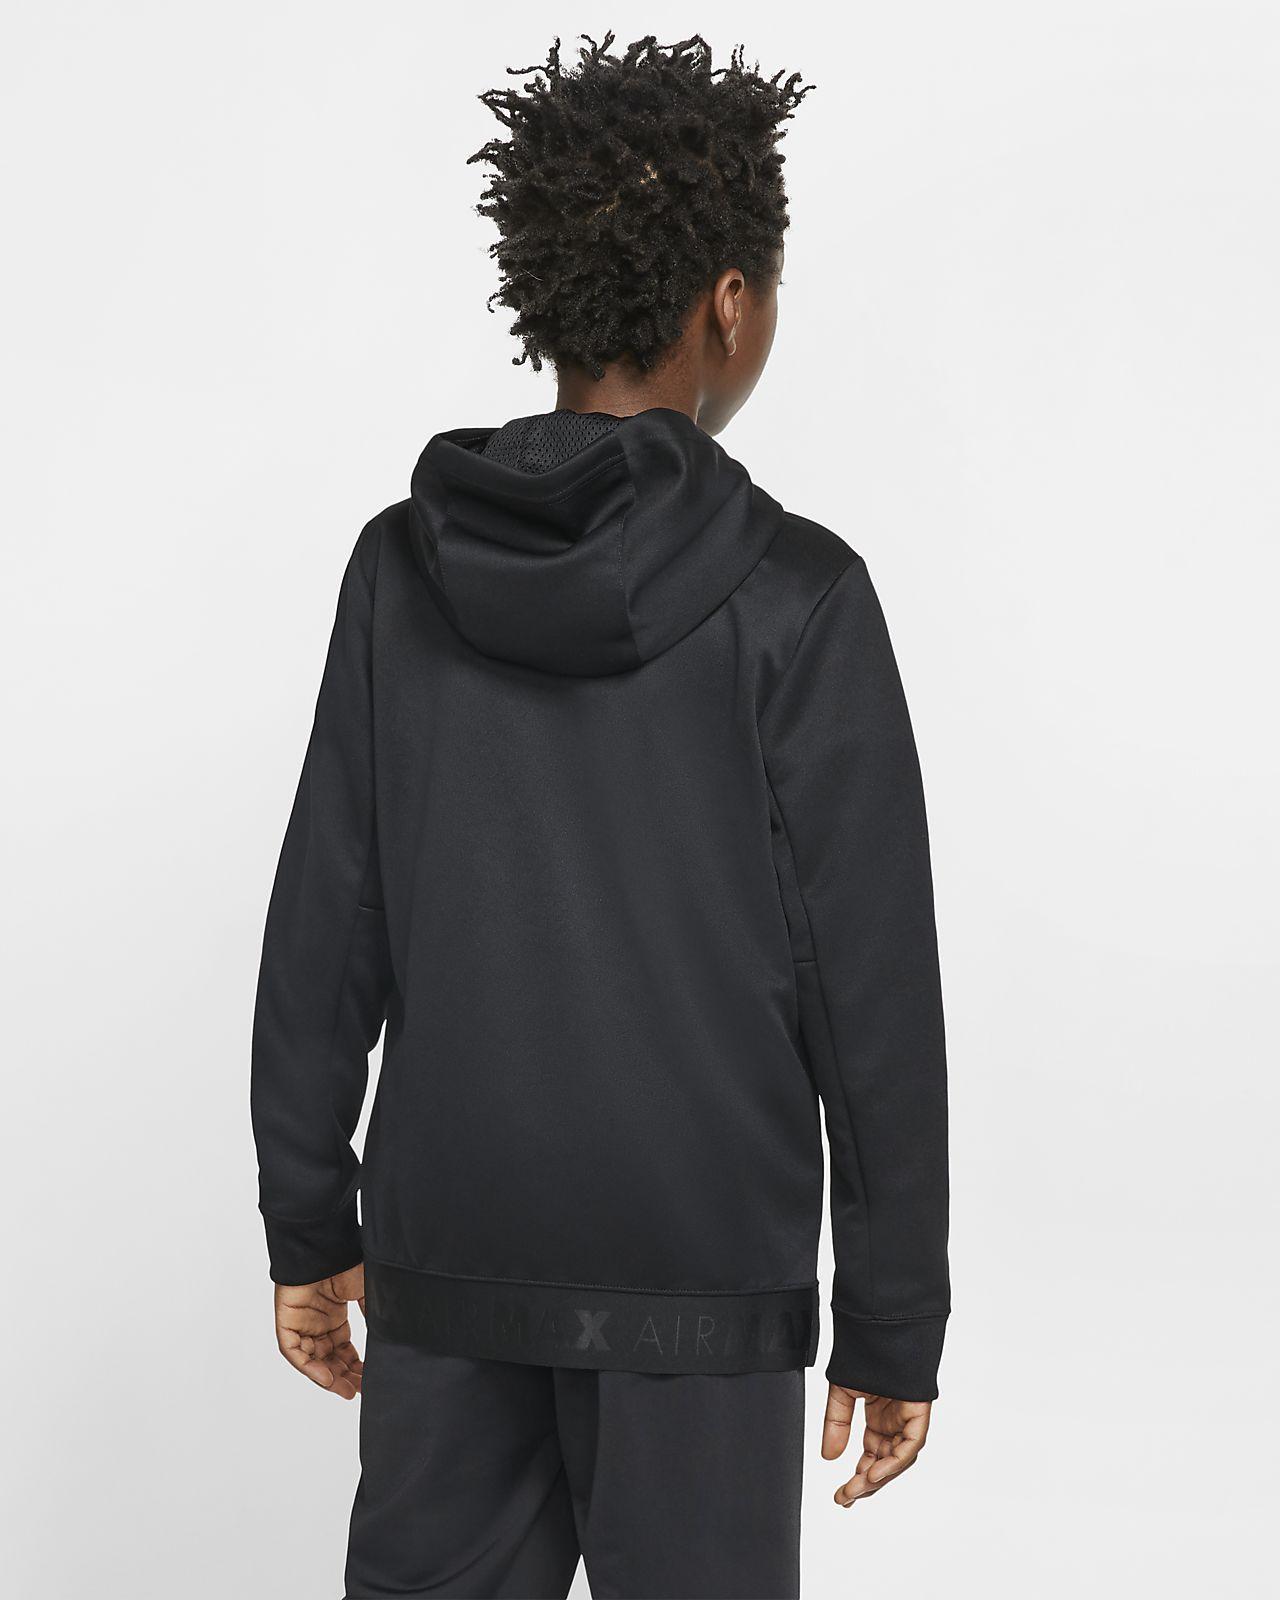 Nike Sportswear Air Max Older Kids' (Boys') Full Zip Hoodie